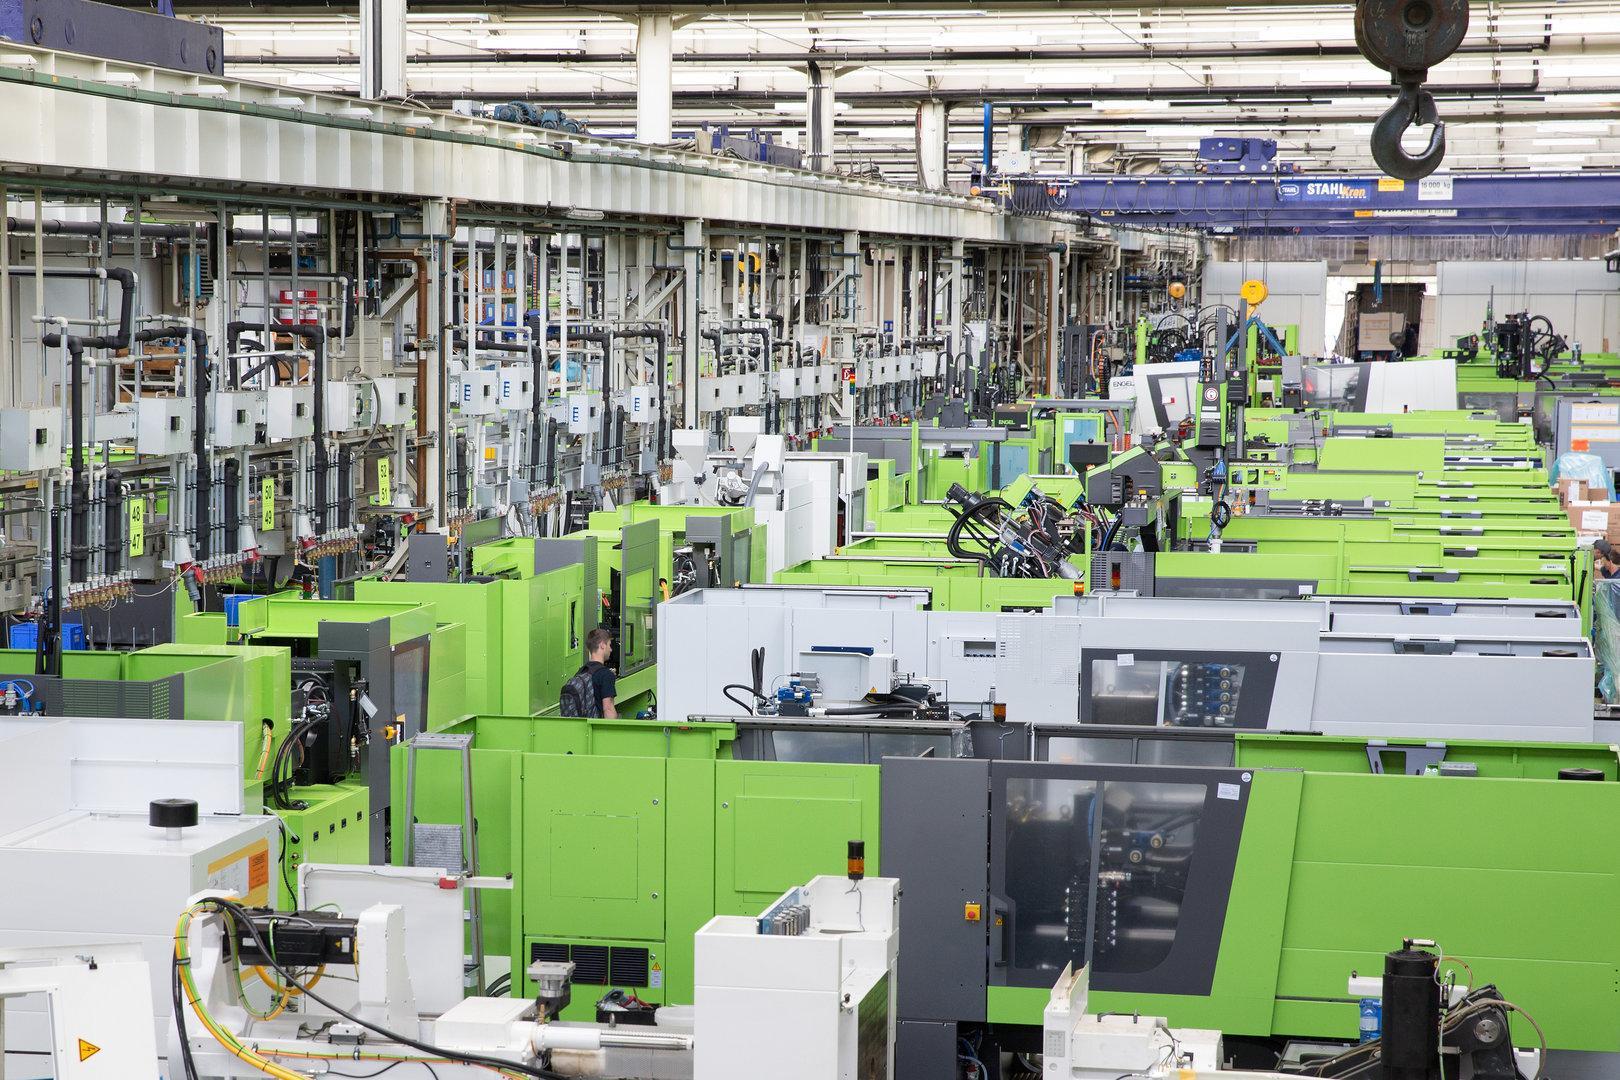 Maschinenbauer Engel baut 50 Leasing-Mitarbeiter in St. Valentin ab